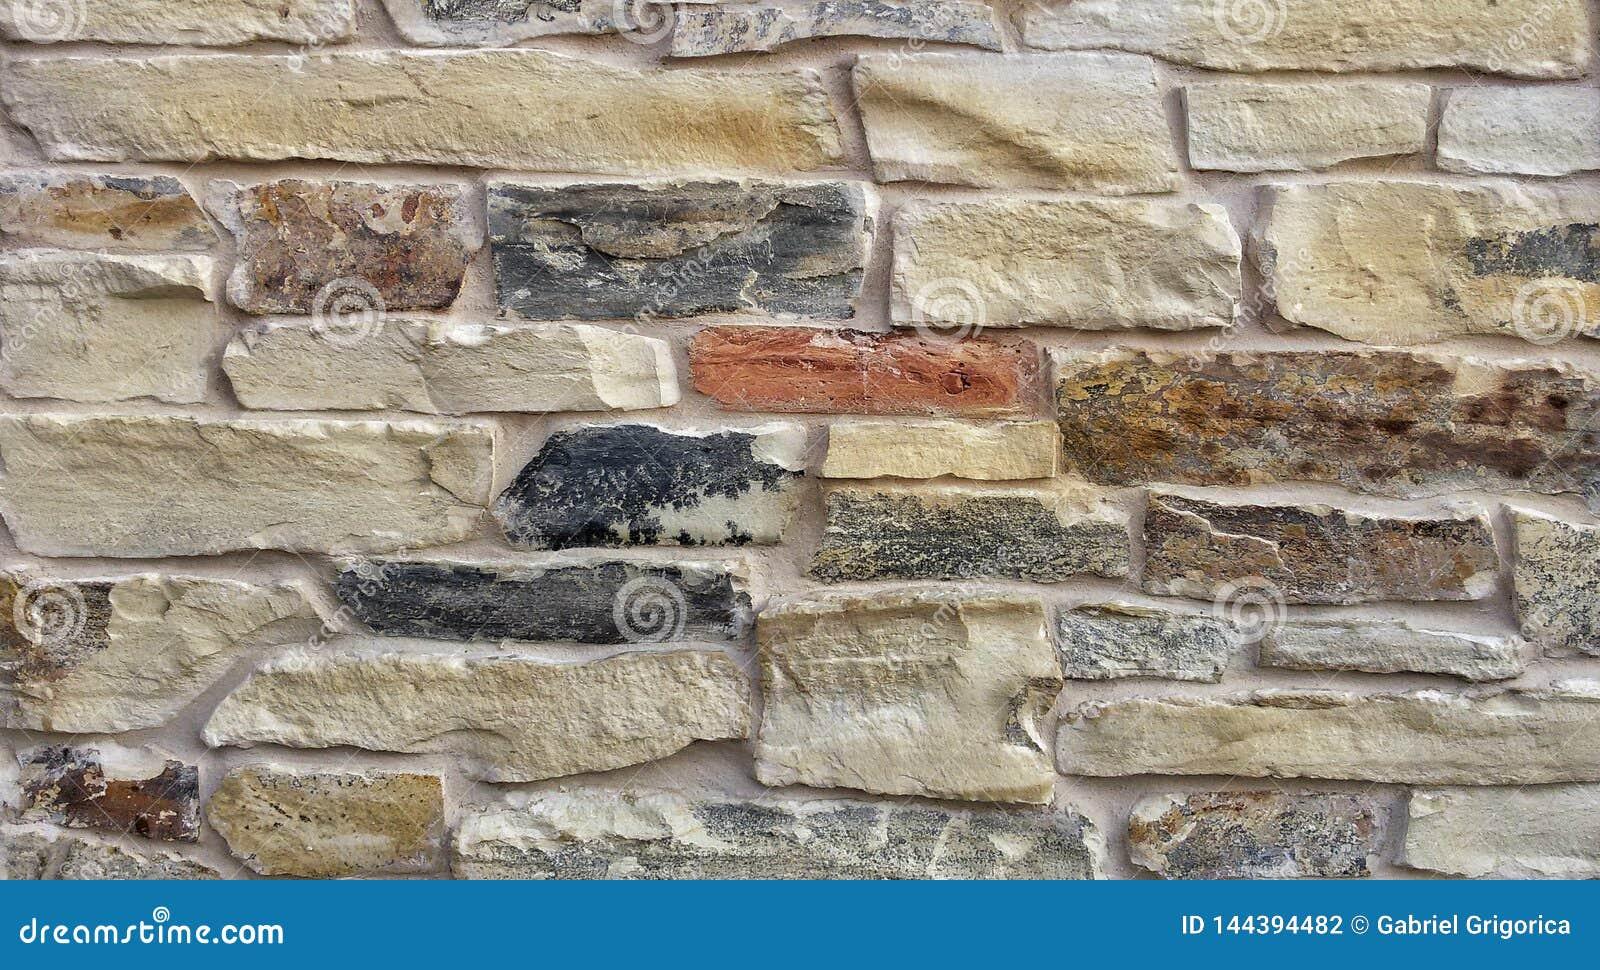 Dekoracyjny wieśniaka kamień używać w budowie